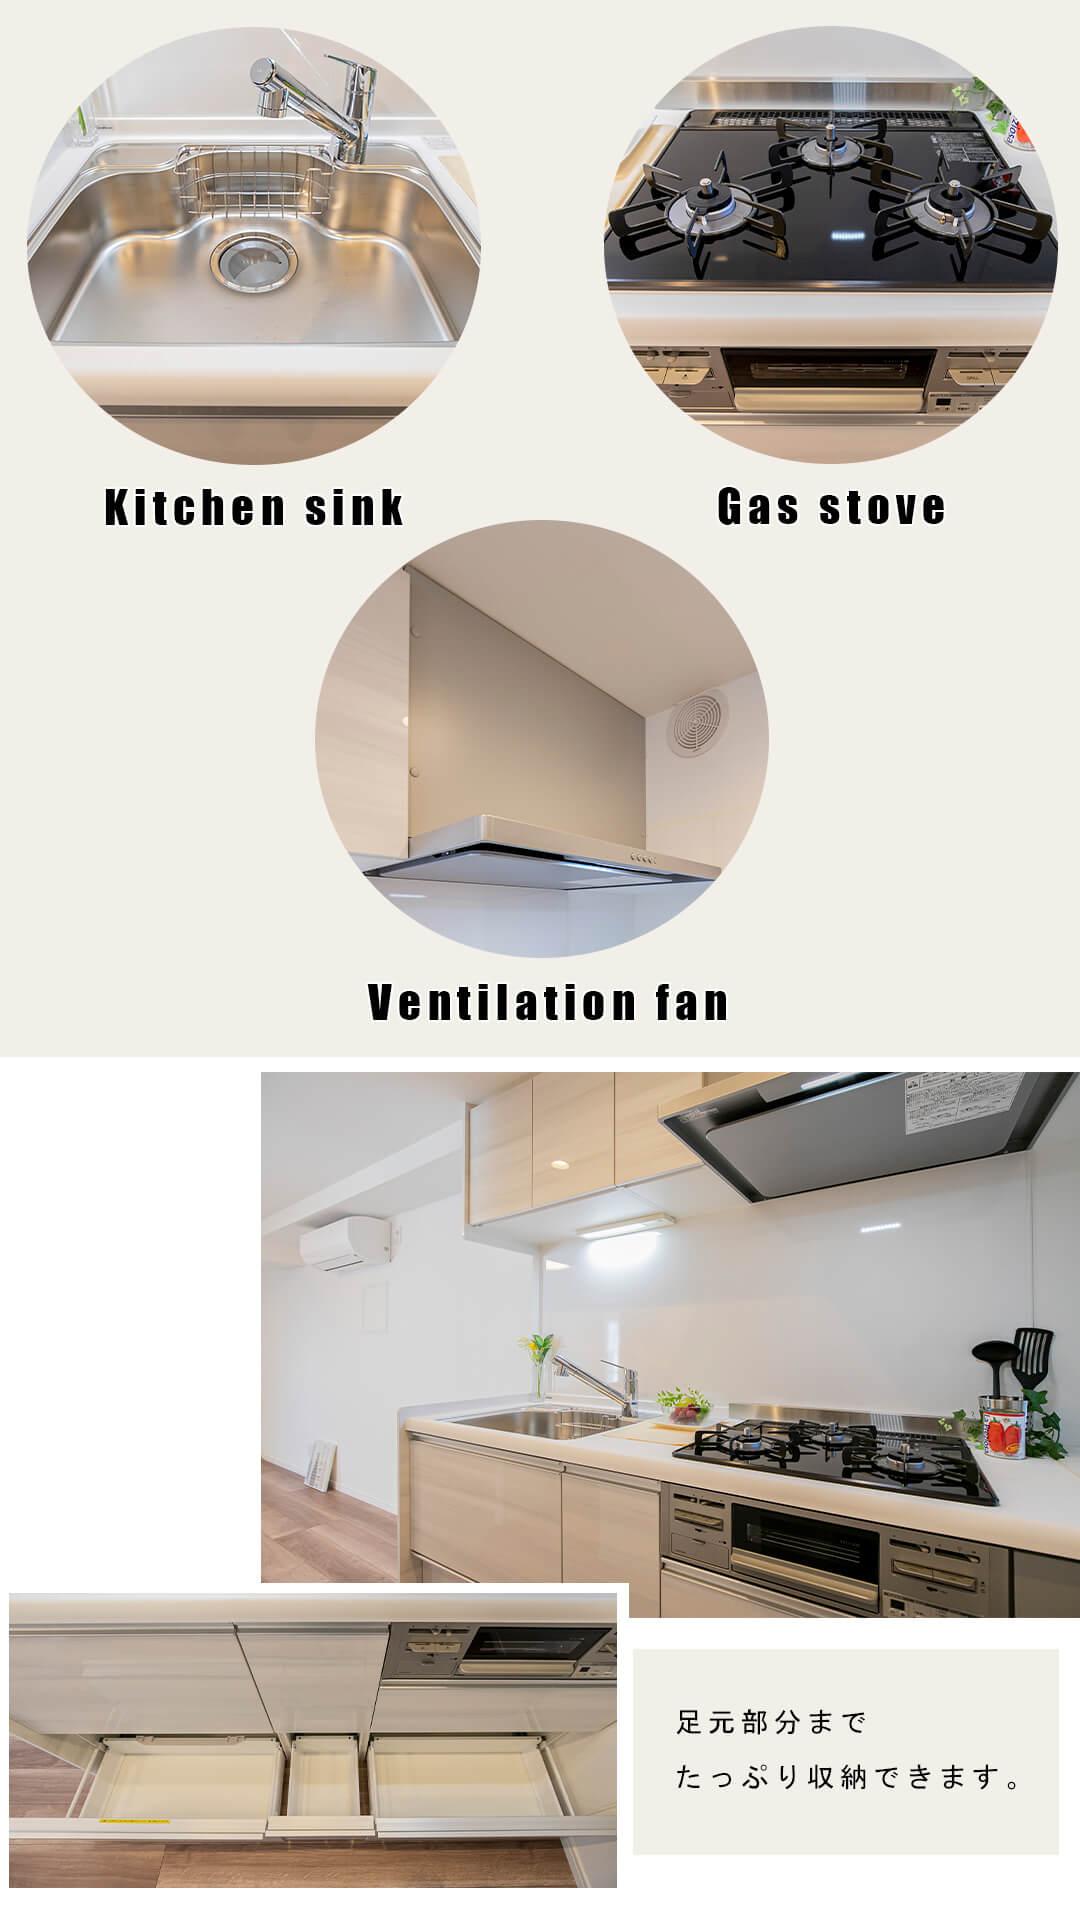 モナークマンション松庵のキッチン